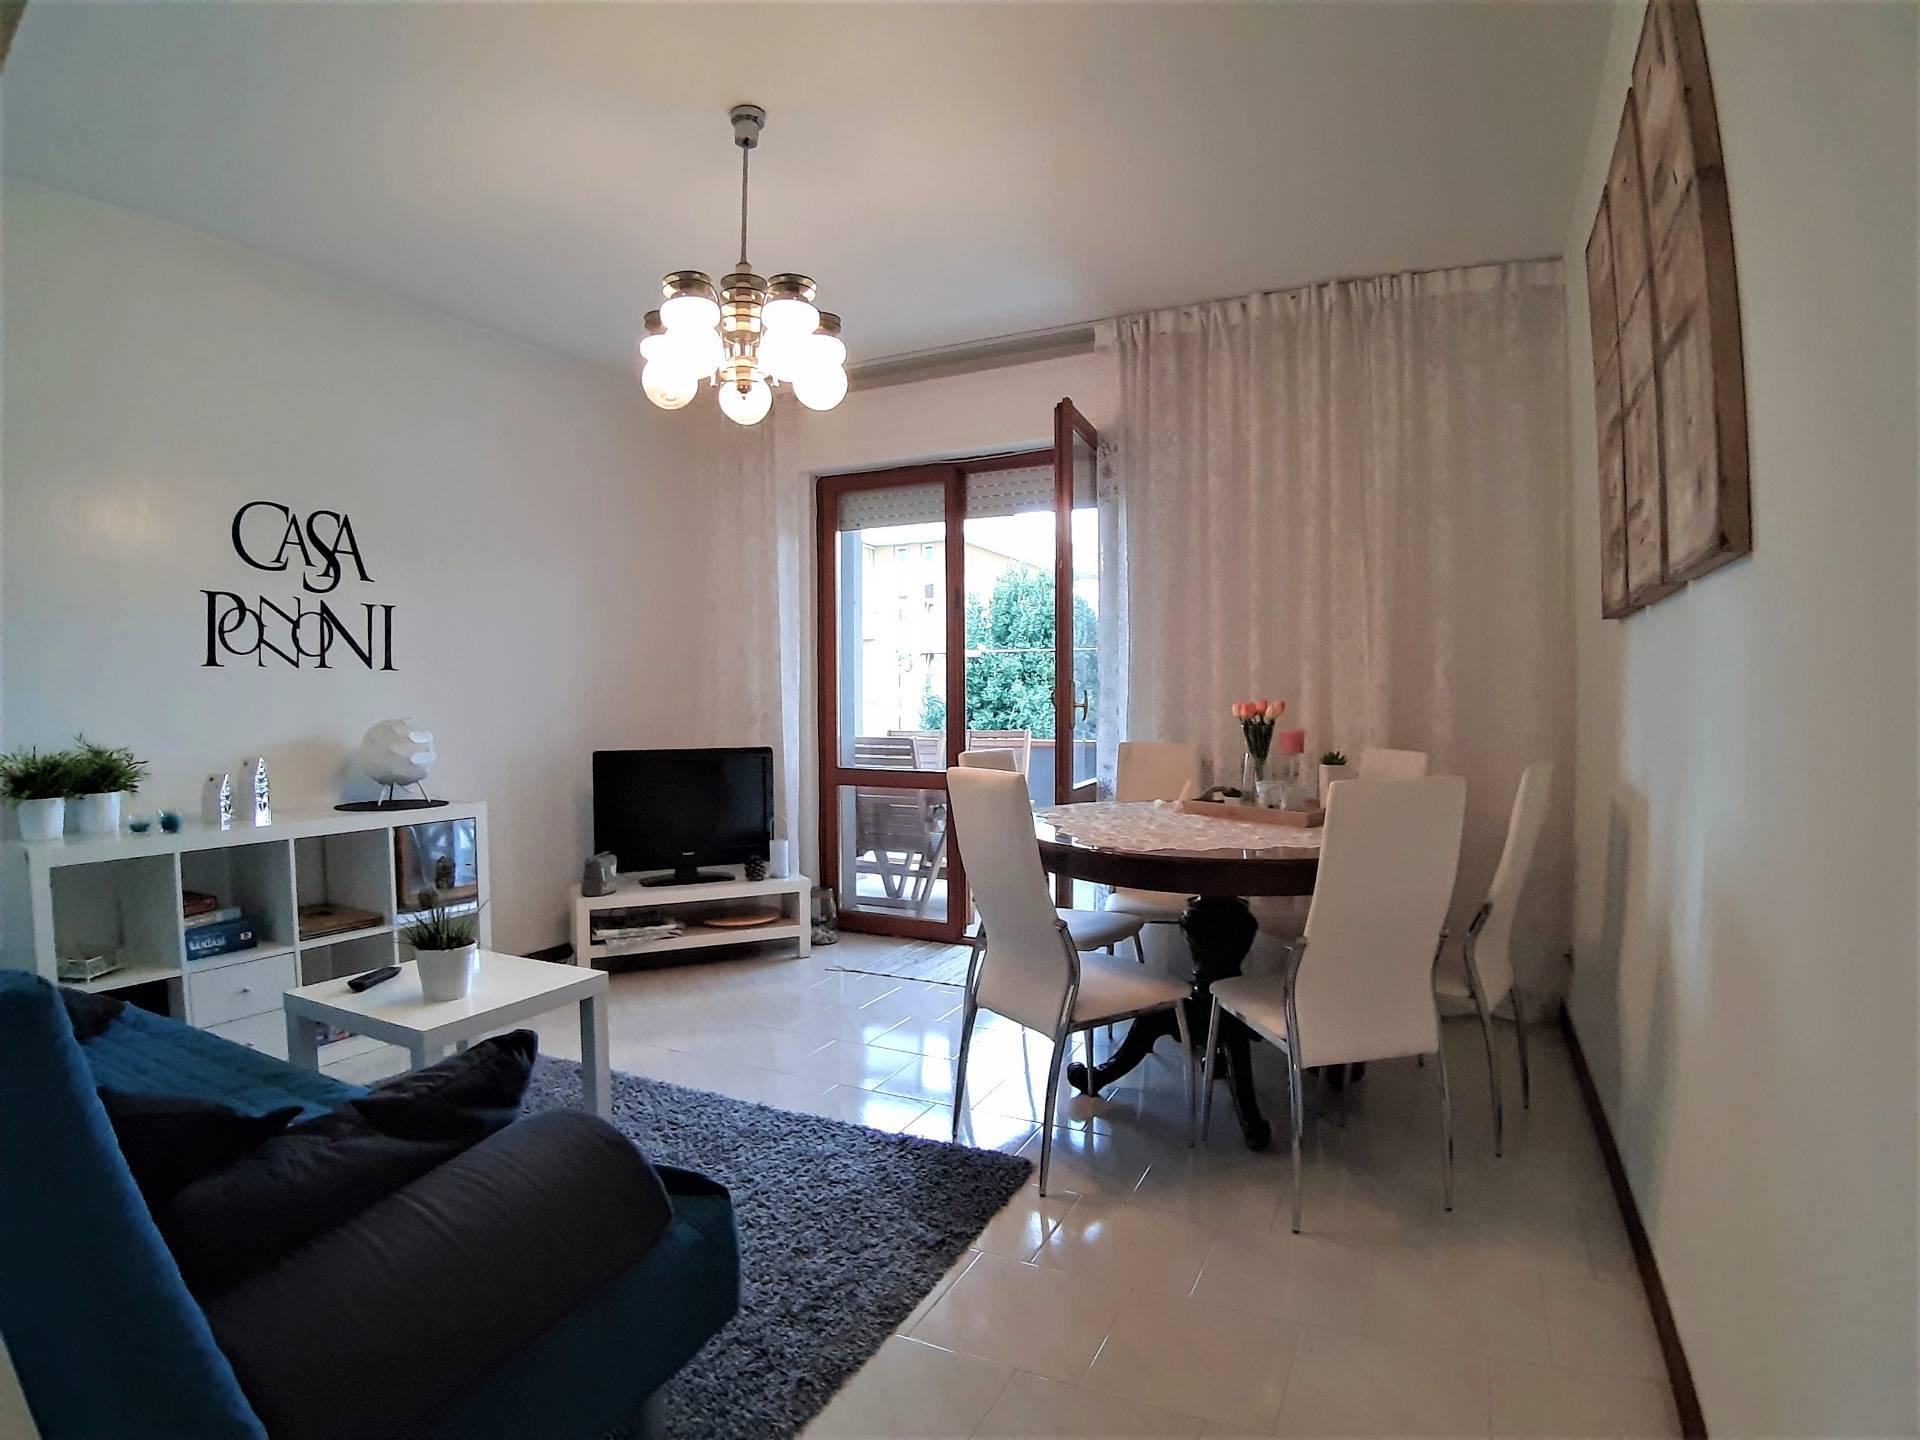 Appartamento in vendita a Giulianova, 5 locali, zona Località: VILLAPOZZONI, prezzo € 135.000 | PortaleAgenzieImmobiliari.it